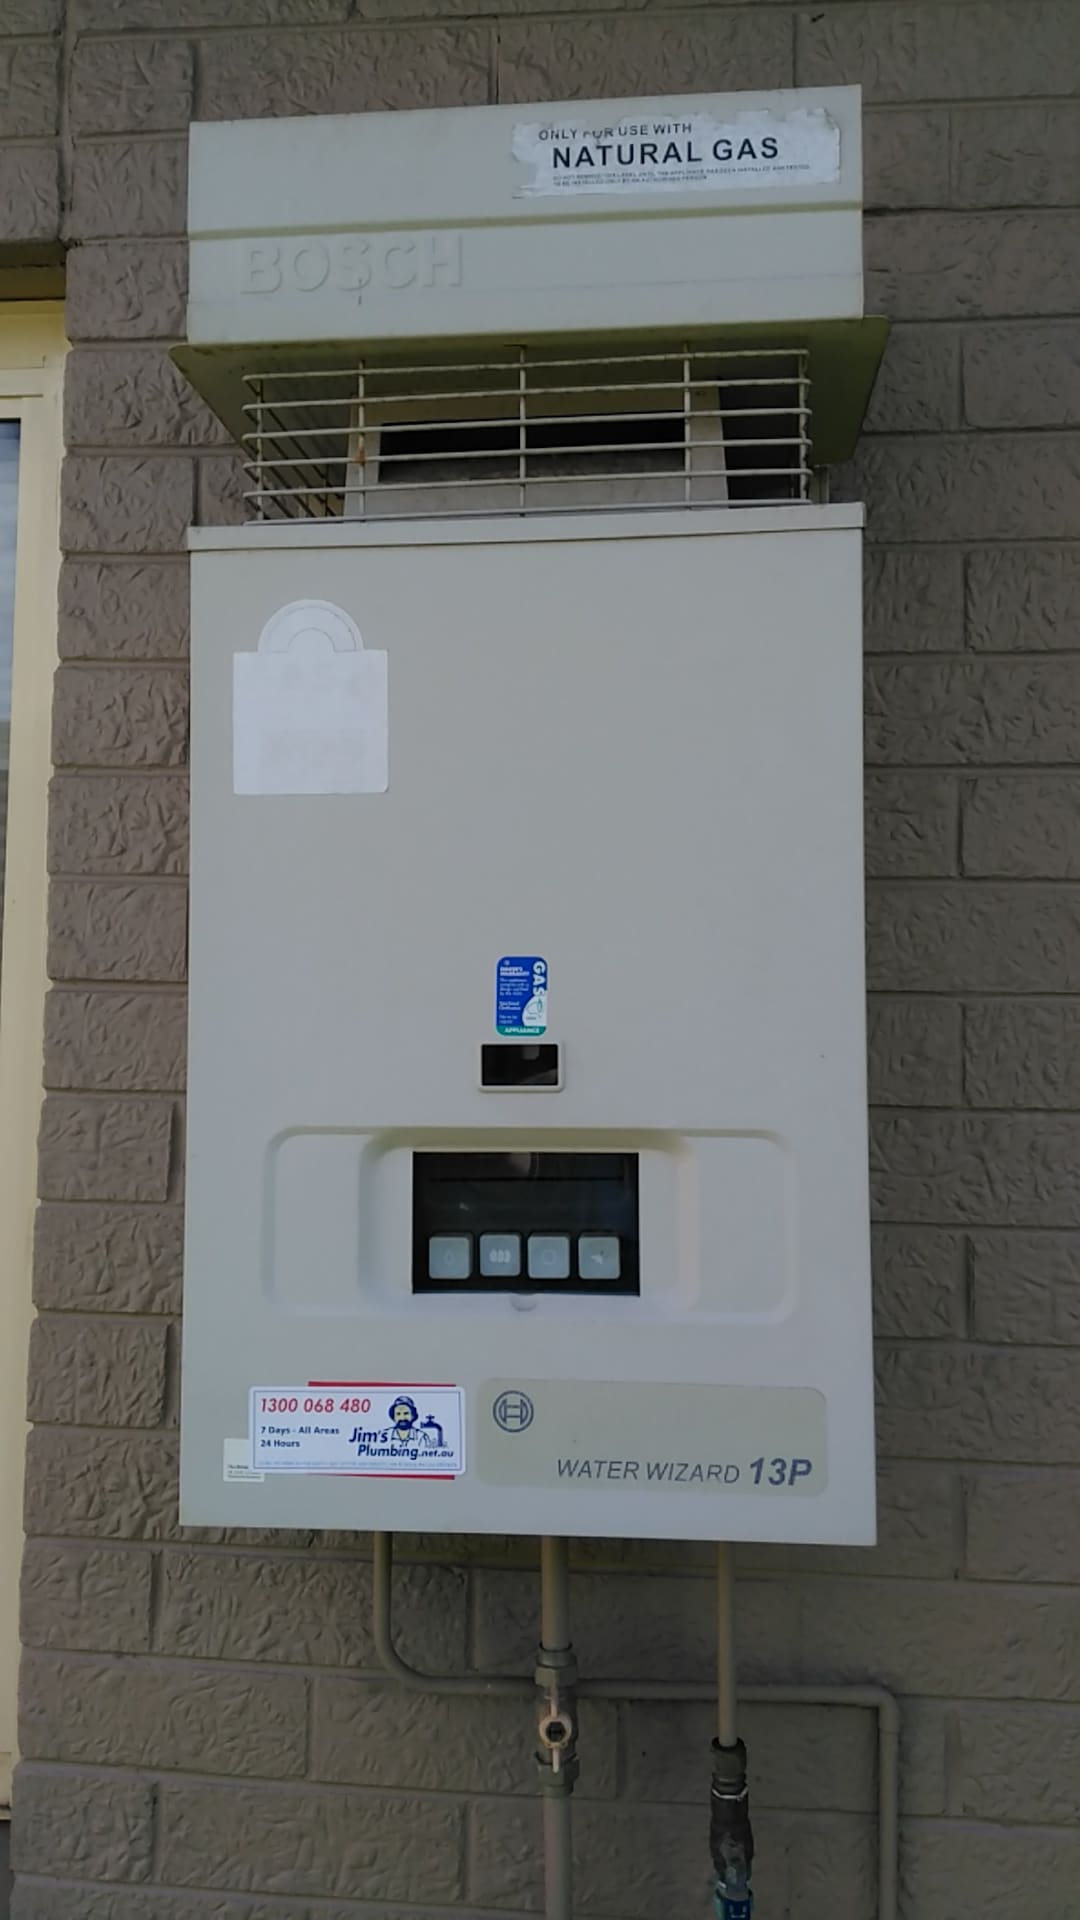 Bosch Range Top >> BOSCH Waterwizard 13P Gas external hot water system - Jim's Plumbing